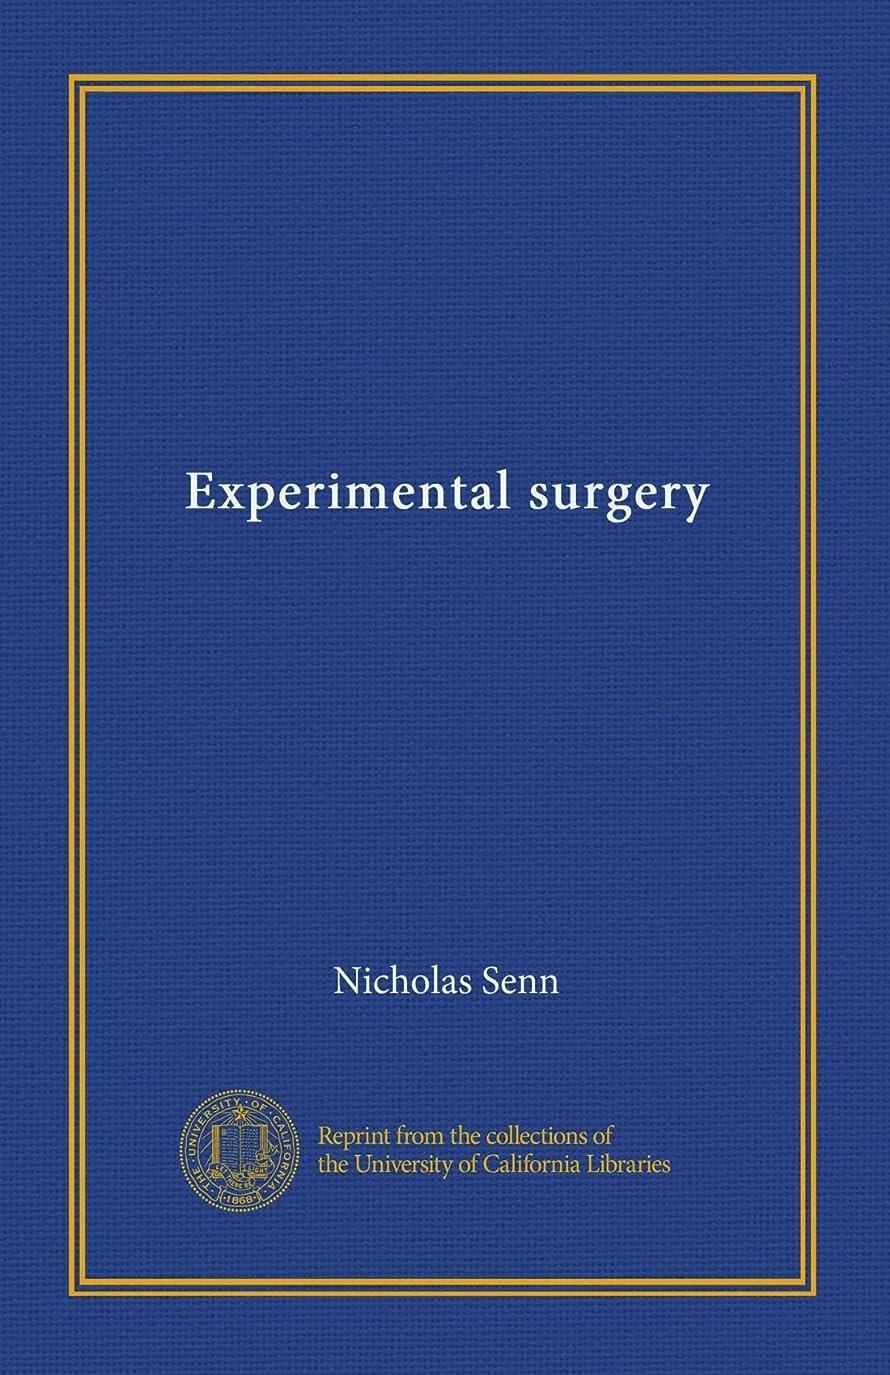 マインドフルジム存在するExperimental surgery